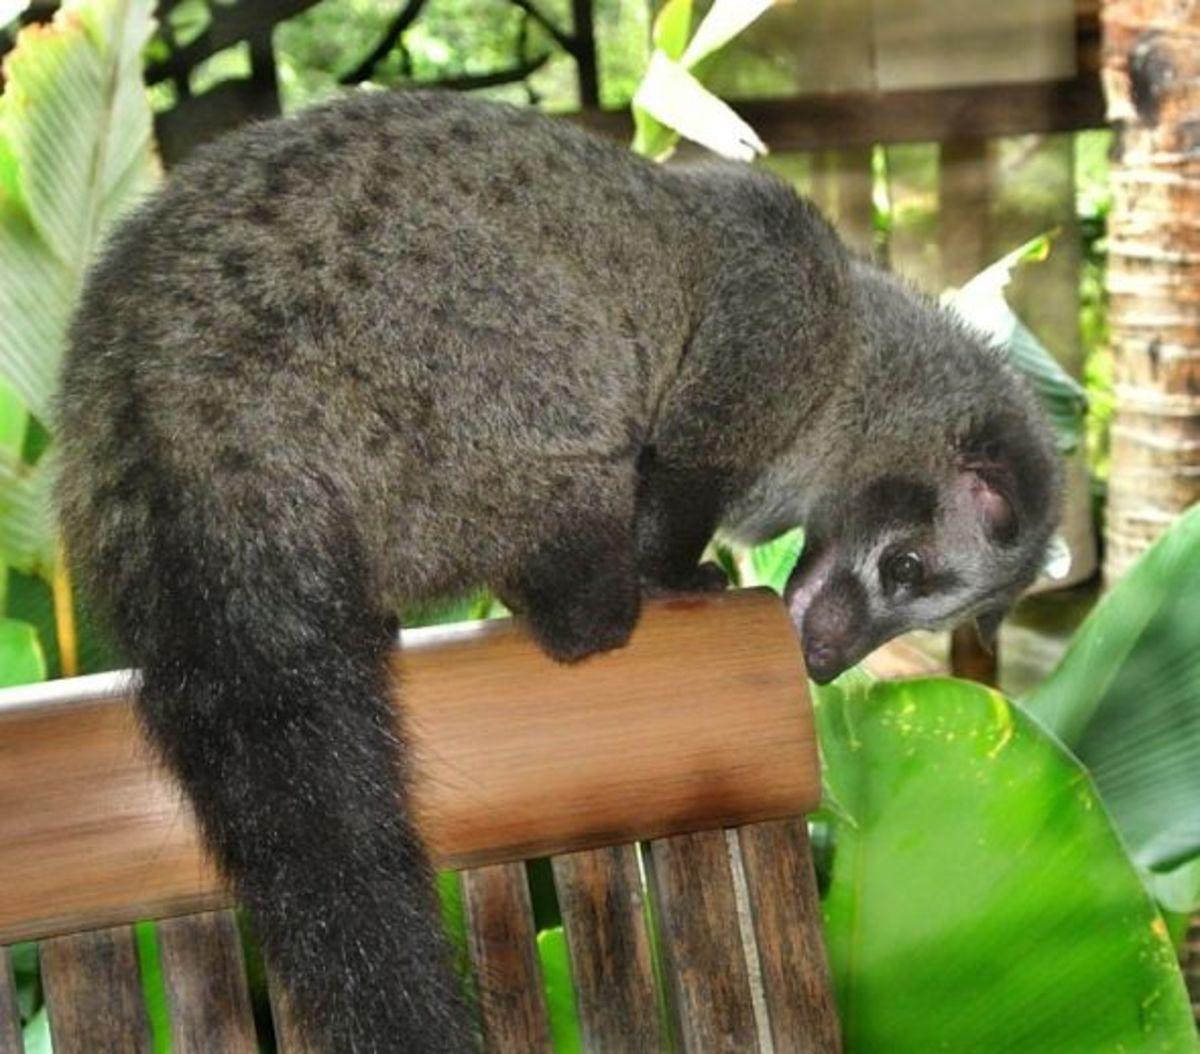 Bindi 7 month old musang-masked Asian palm civet